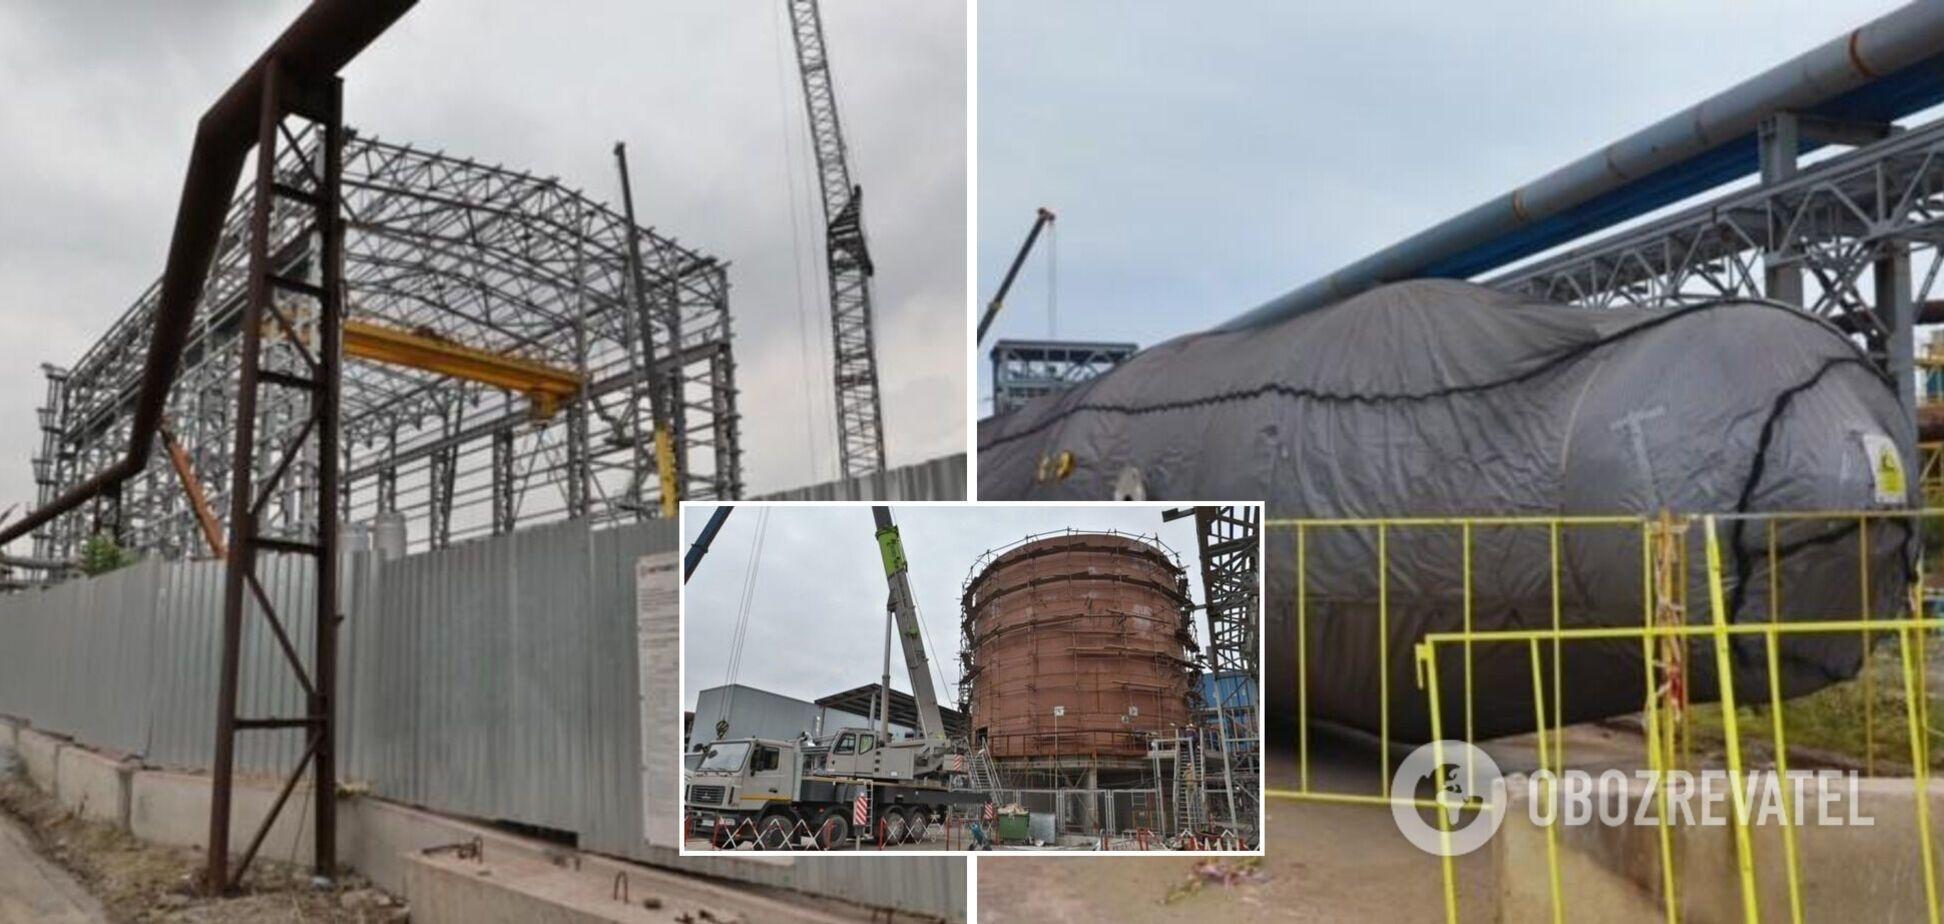 Група 'Метінвест' інвестувала в будівництво сучасної повітрерозподільної установки 83,5 млн дол.